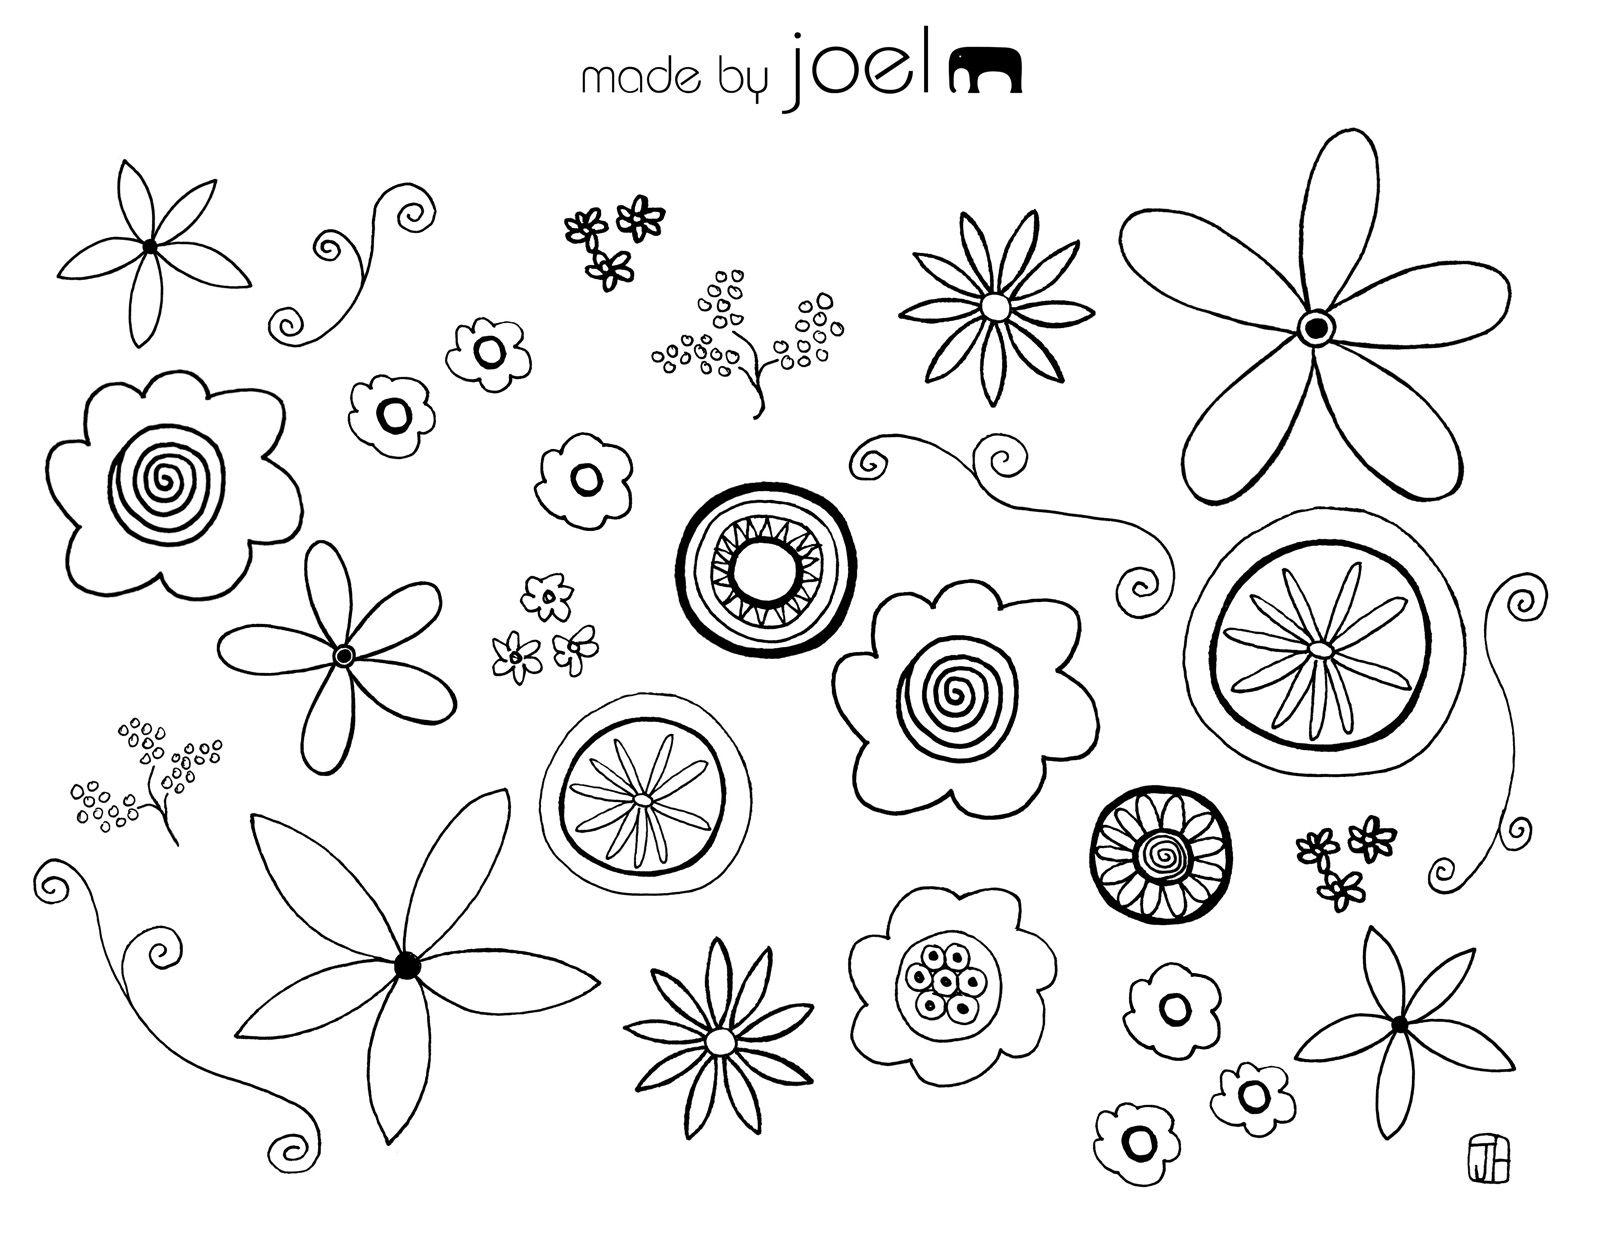 Desenhos de flores e de animais para imprimir  Flowers